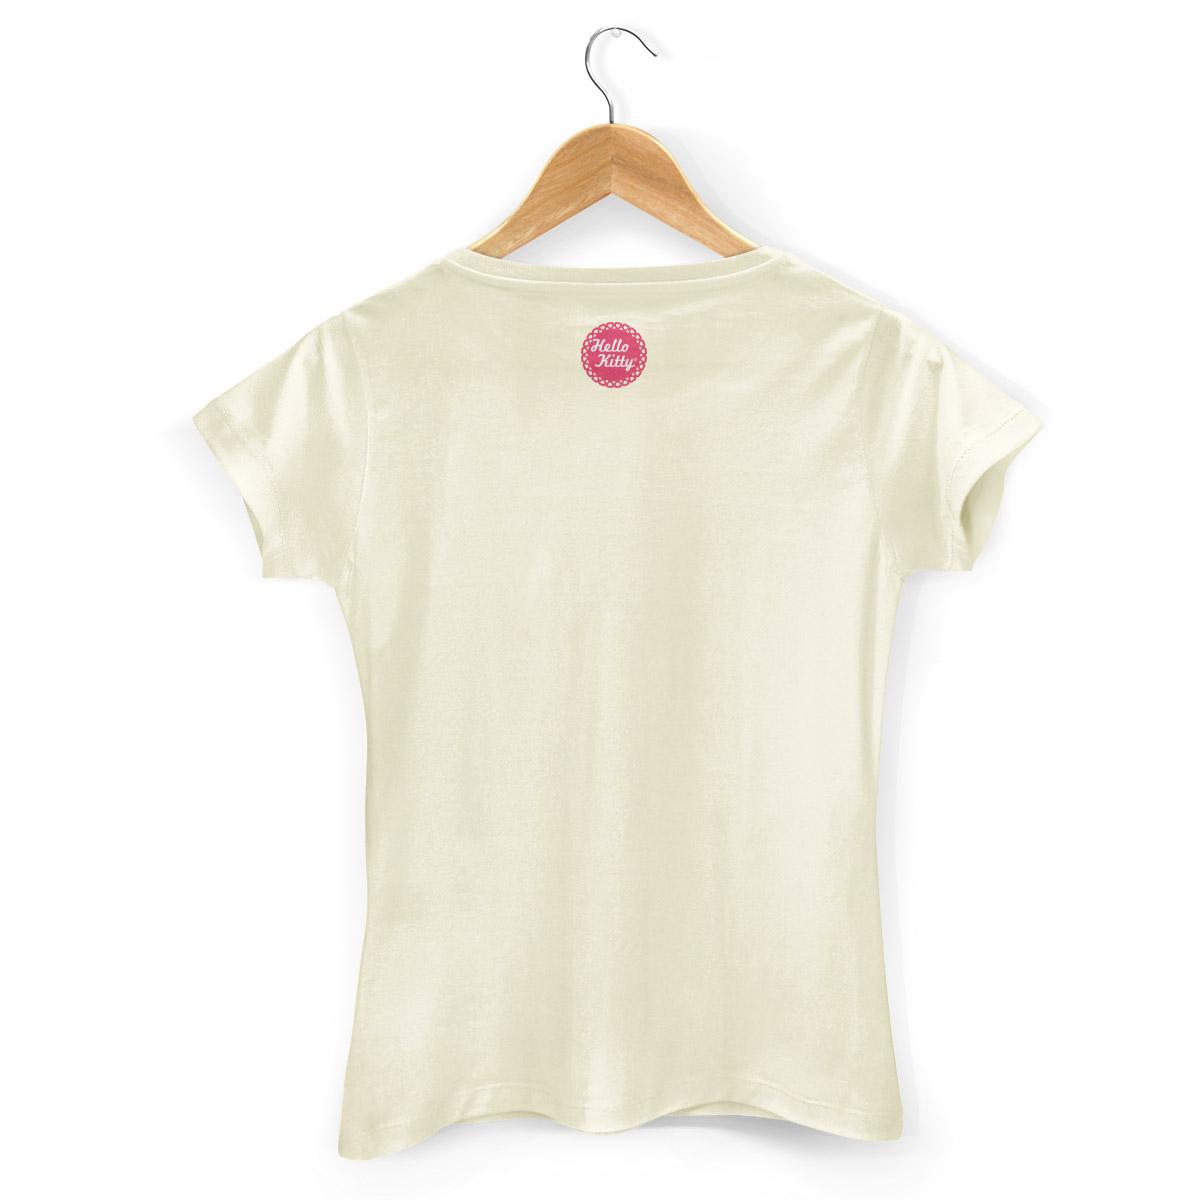 Camiseta Hello Kitty Ice Cream 2